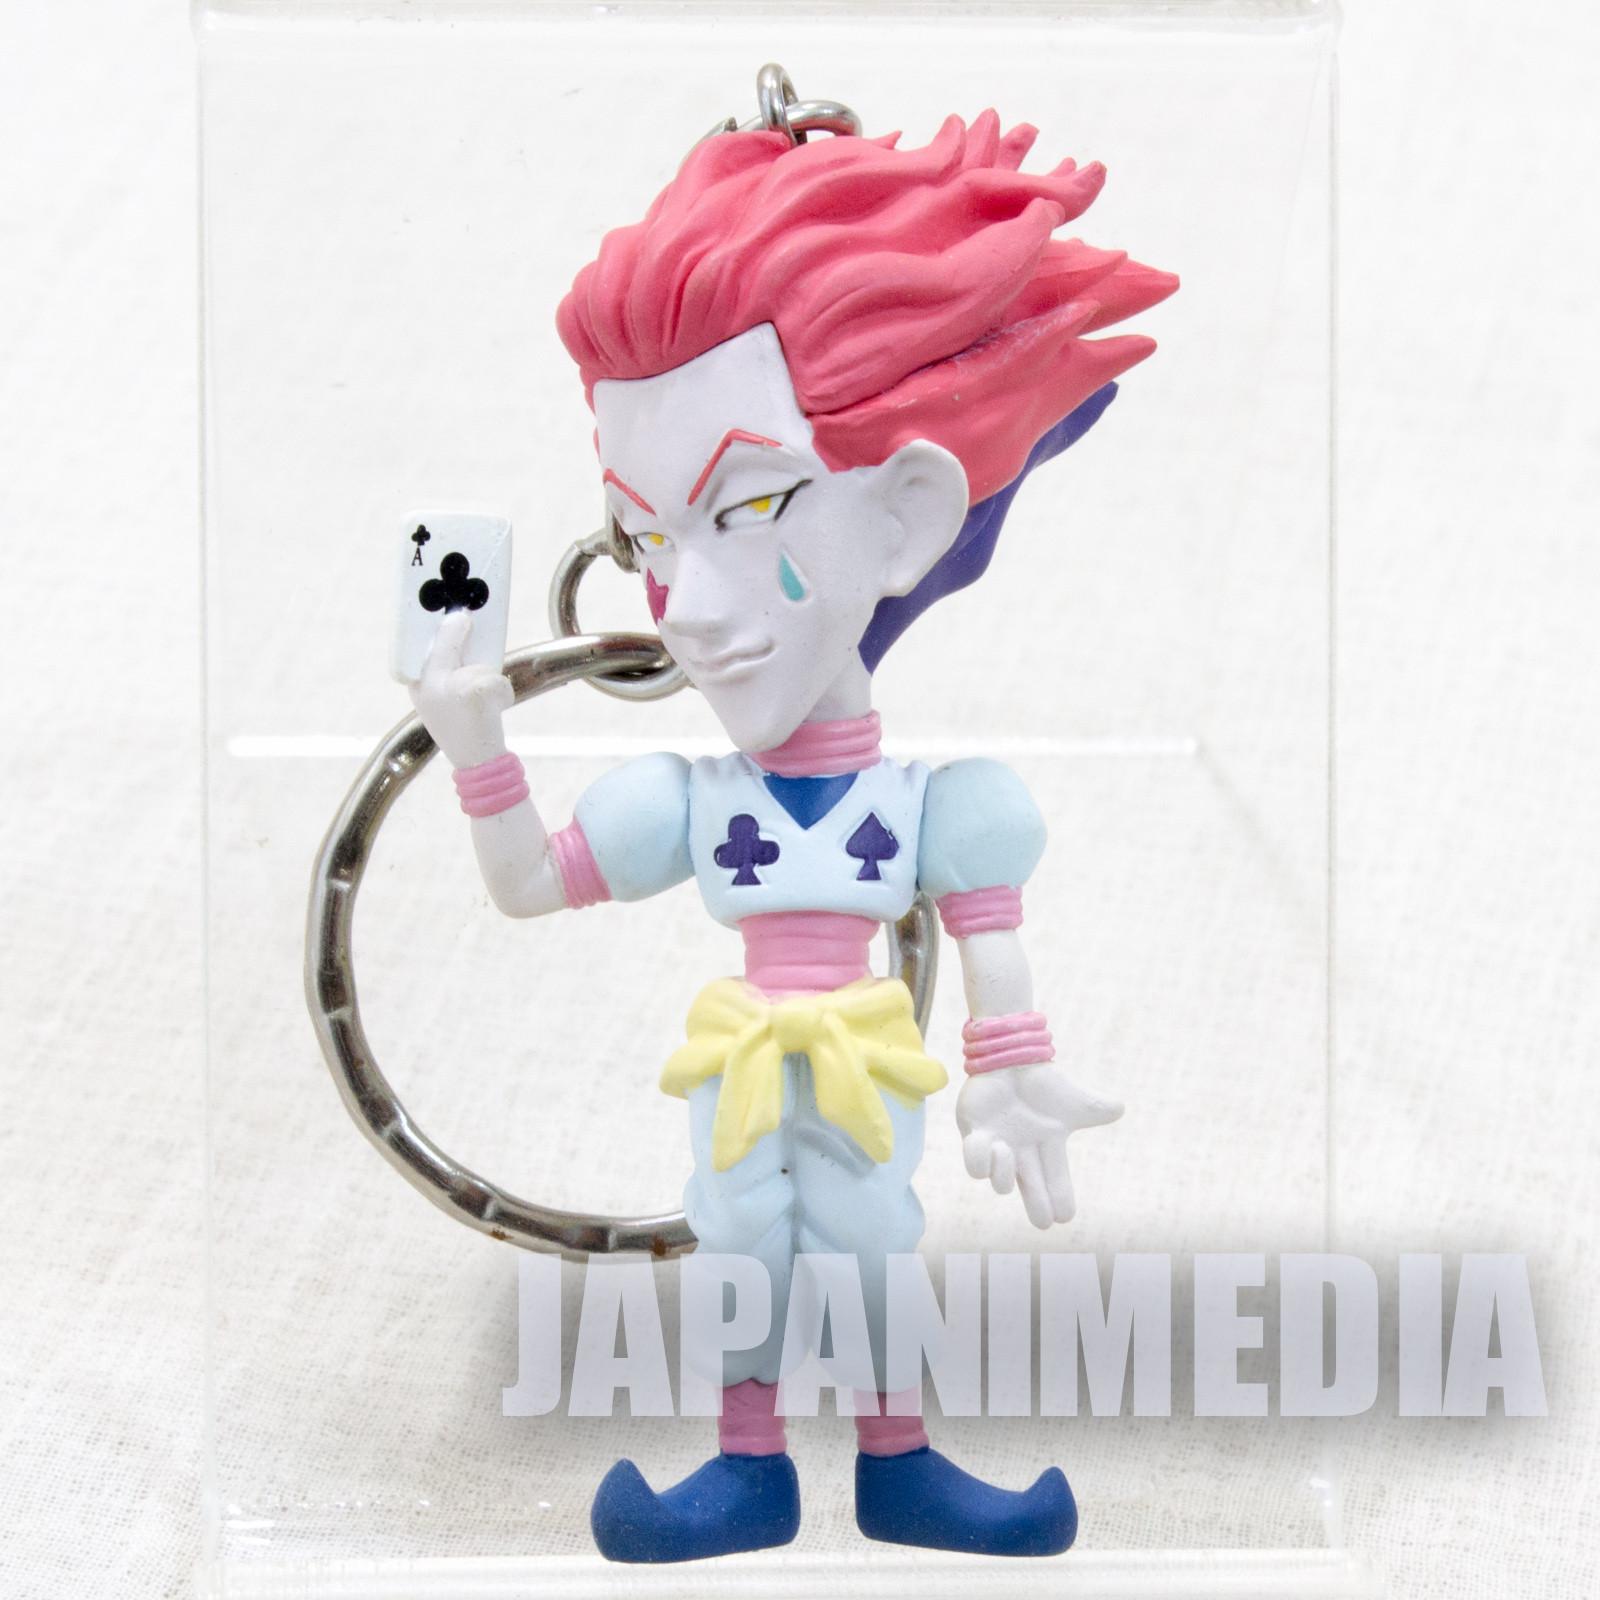 RARE! HUNTER x HUNTER Hisoka Mini Figure Key Holder Chain JAPAN ANIME 2